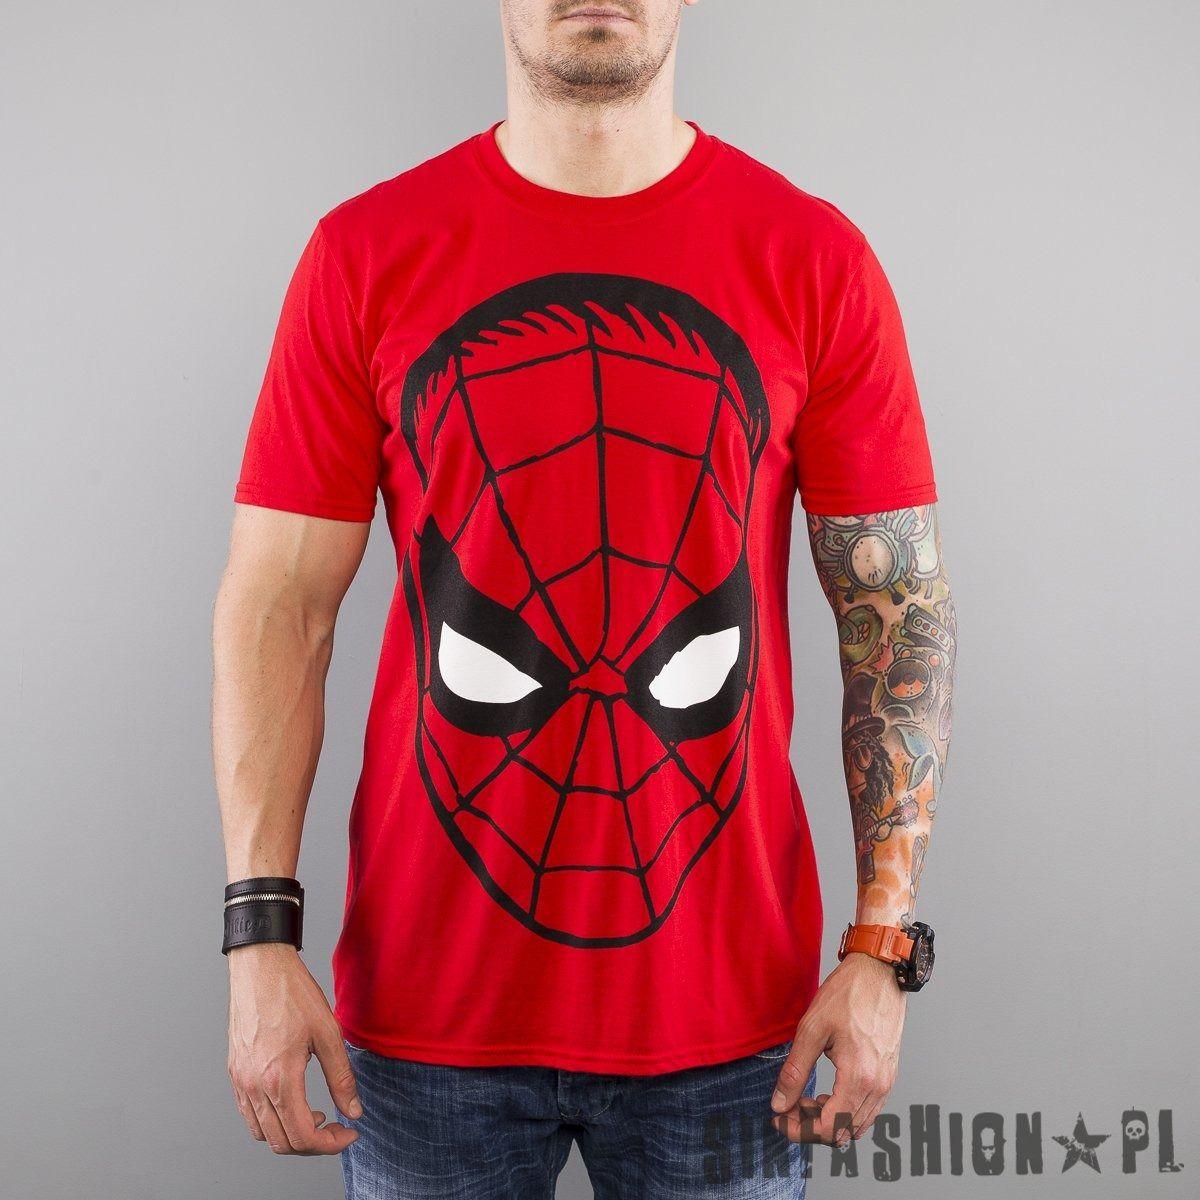 Koszulka marvel - spiderman